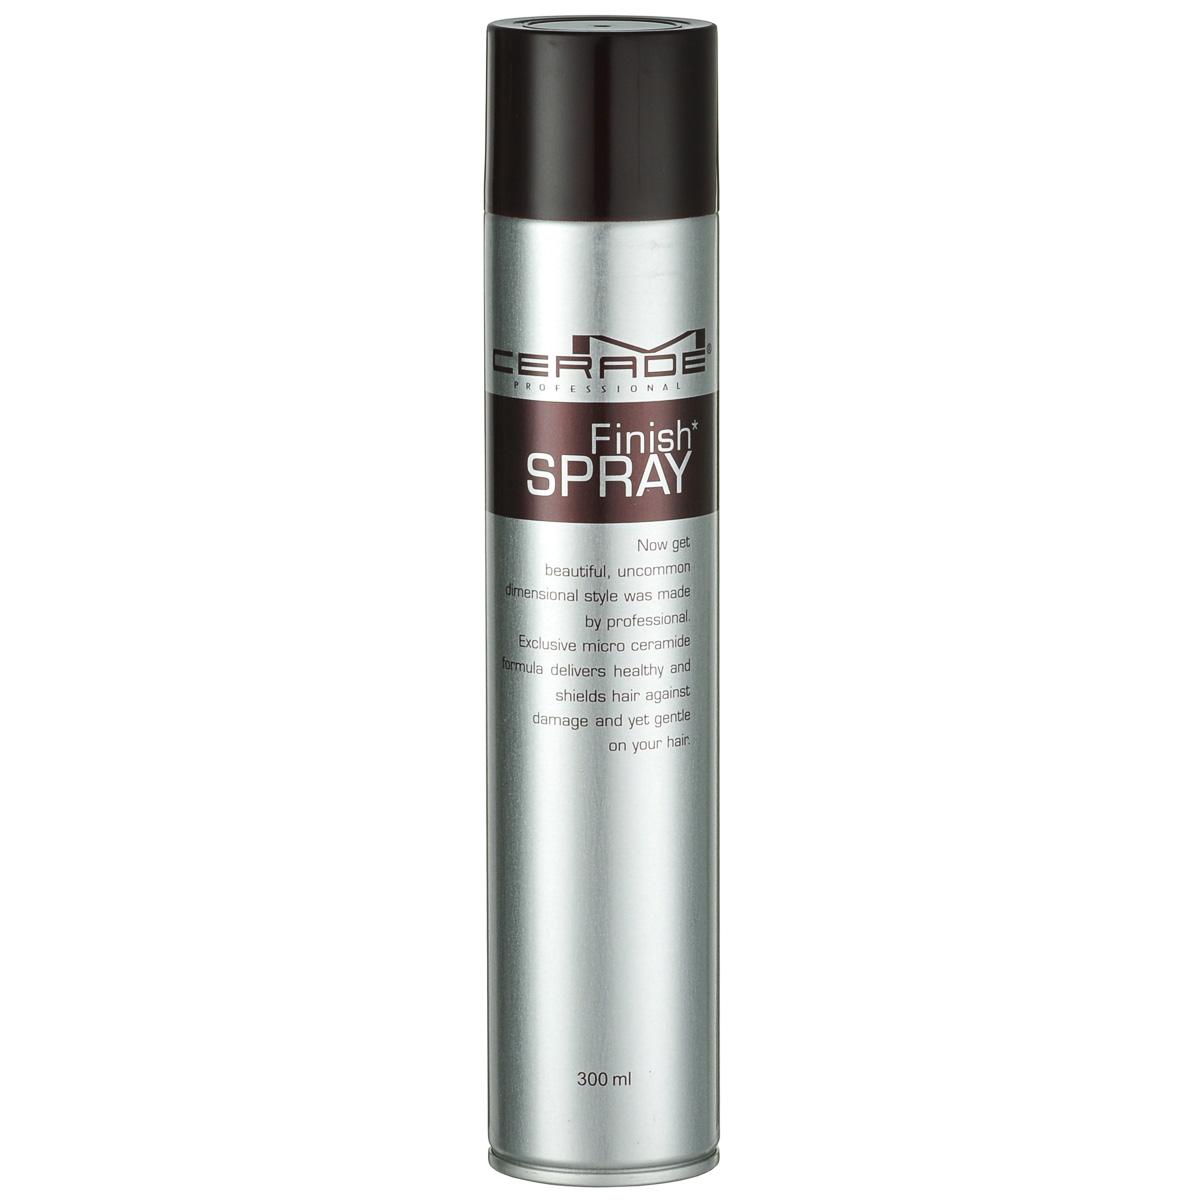 Somang MCerade Лак для укладки волос Finish, 300 мл233011Низкомолекулярный керамид содержит компоненты для увлажнения волос. Силиконовый комплекс придает блеск волосам и обеспечивает отличную укладку и сохранение аккуратной прически надолго.